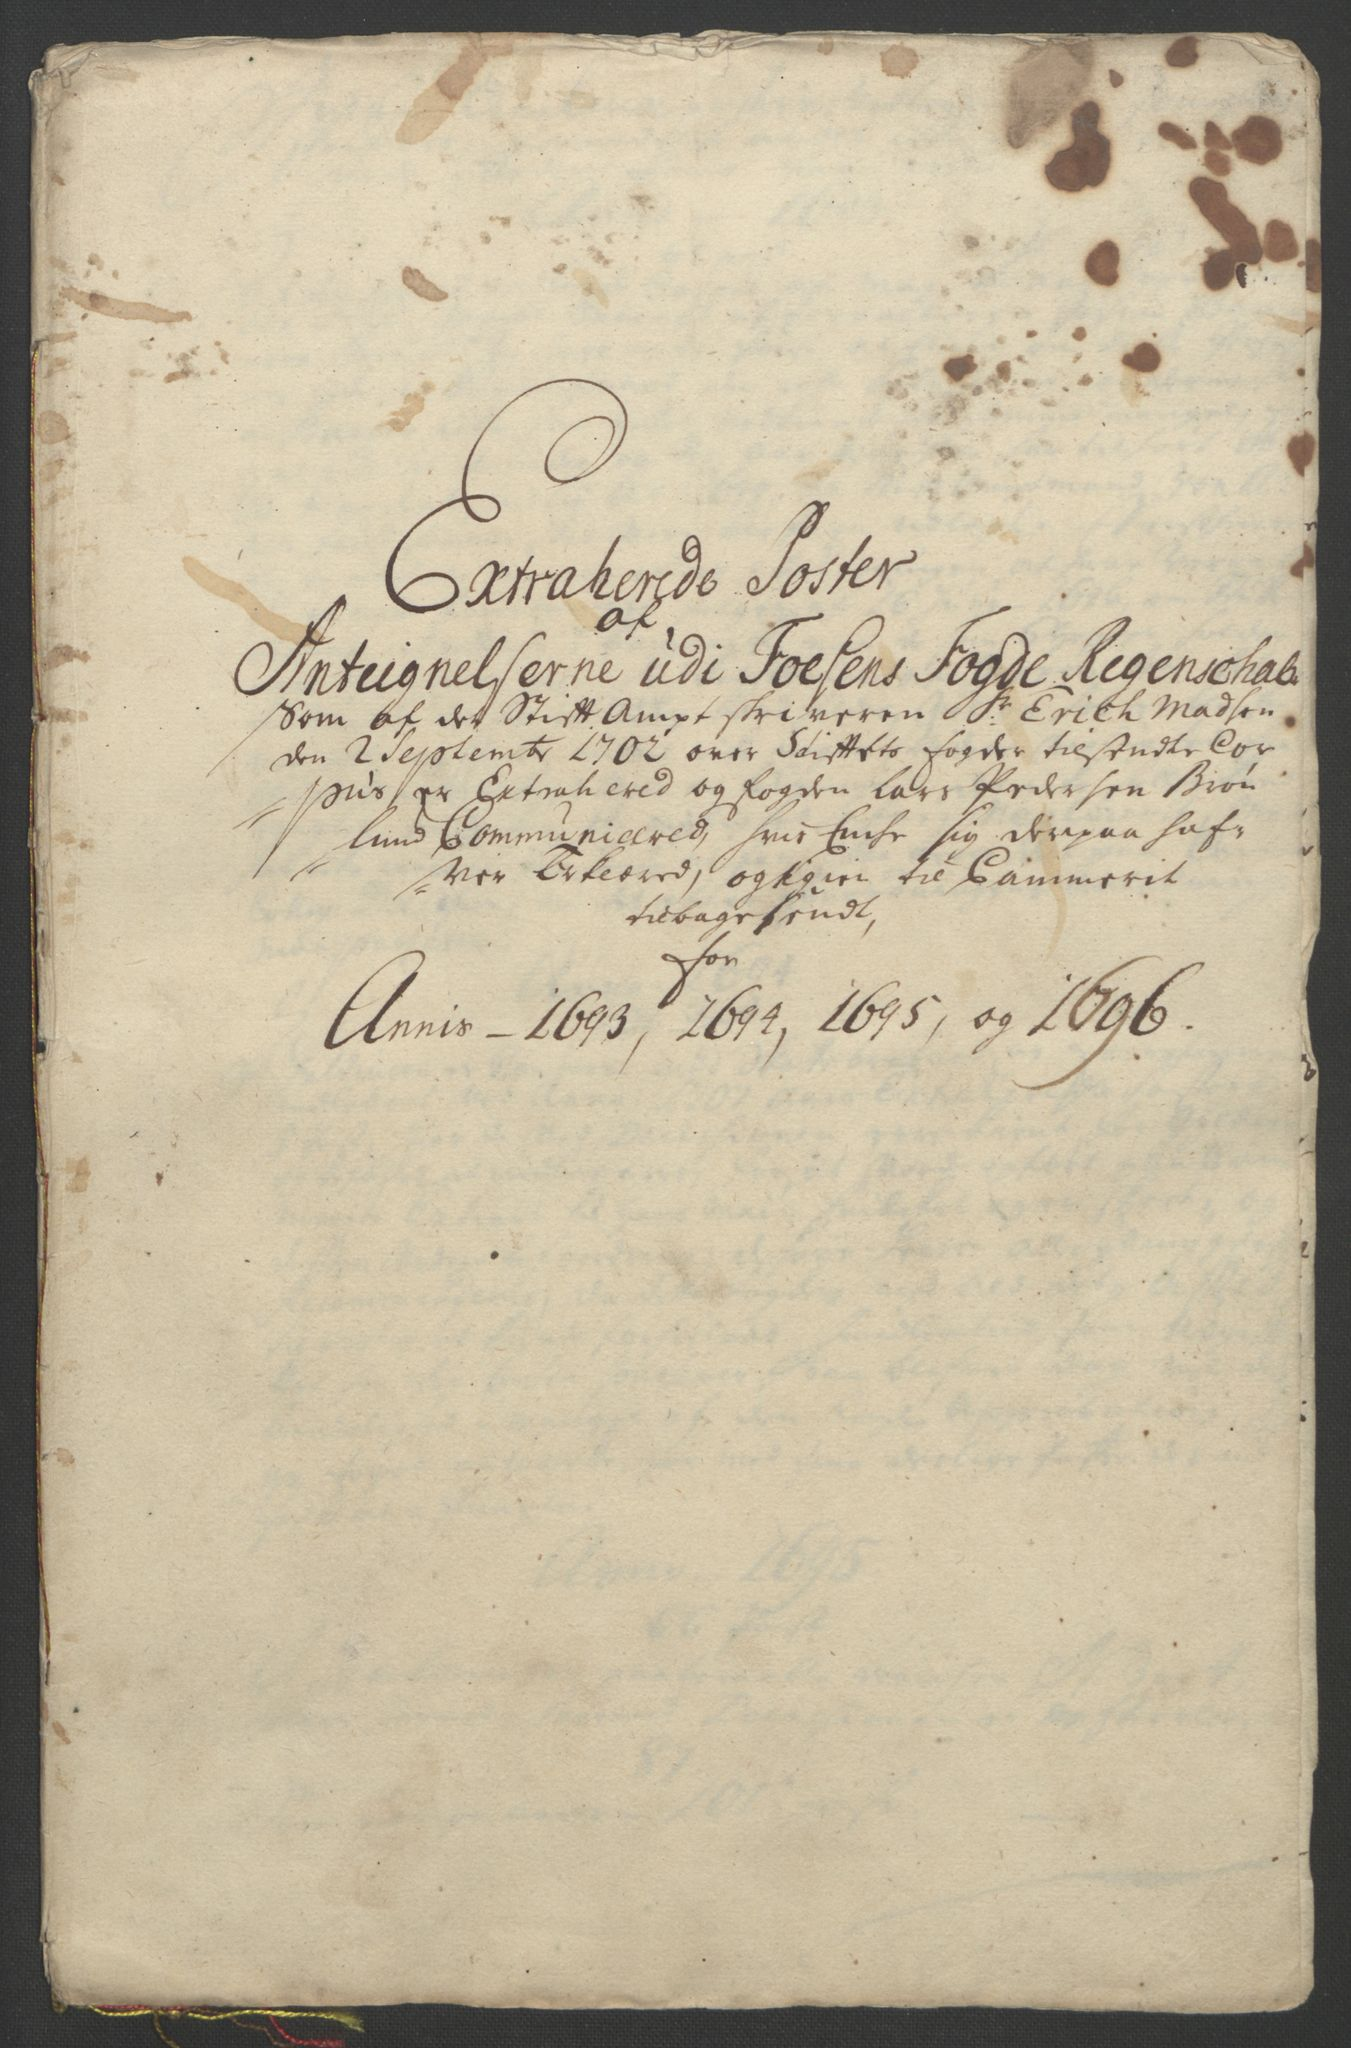 RA, Rentekammeret inntil 1814, Reviderte regnskaper, Fogderegnskap, R57/L3851: Fogderegnskap Fosen, 1695-1696, s. 327